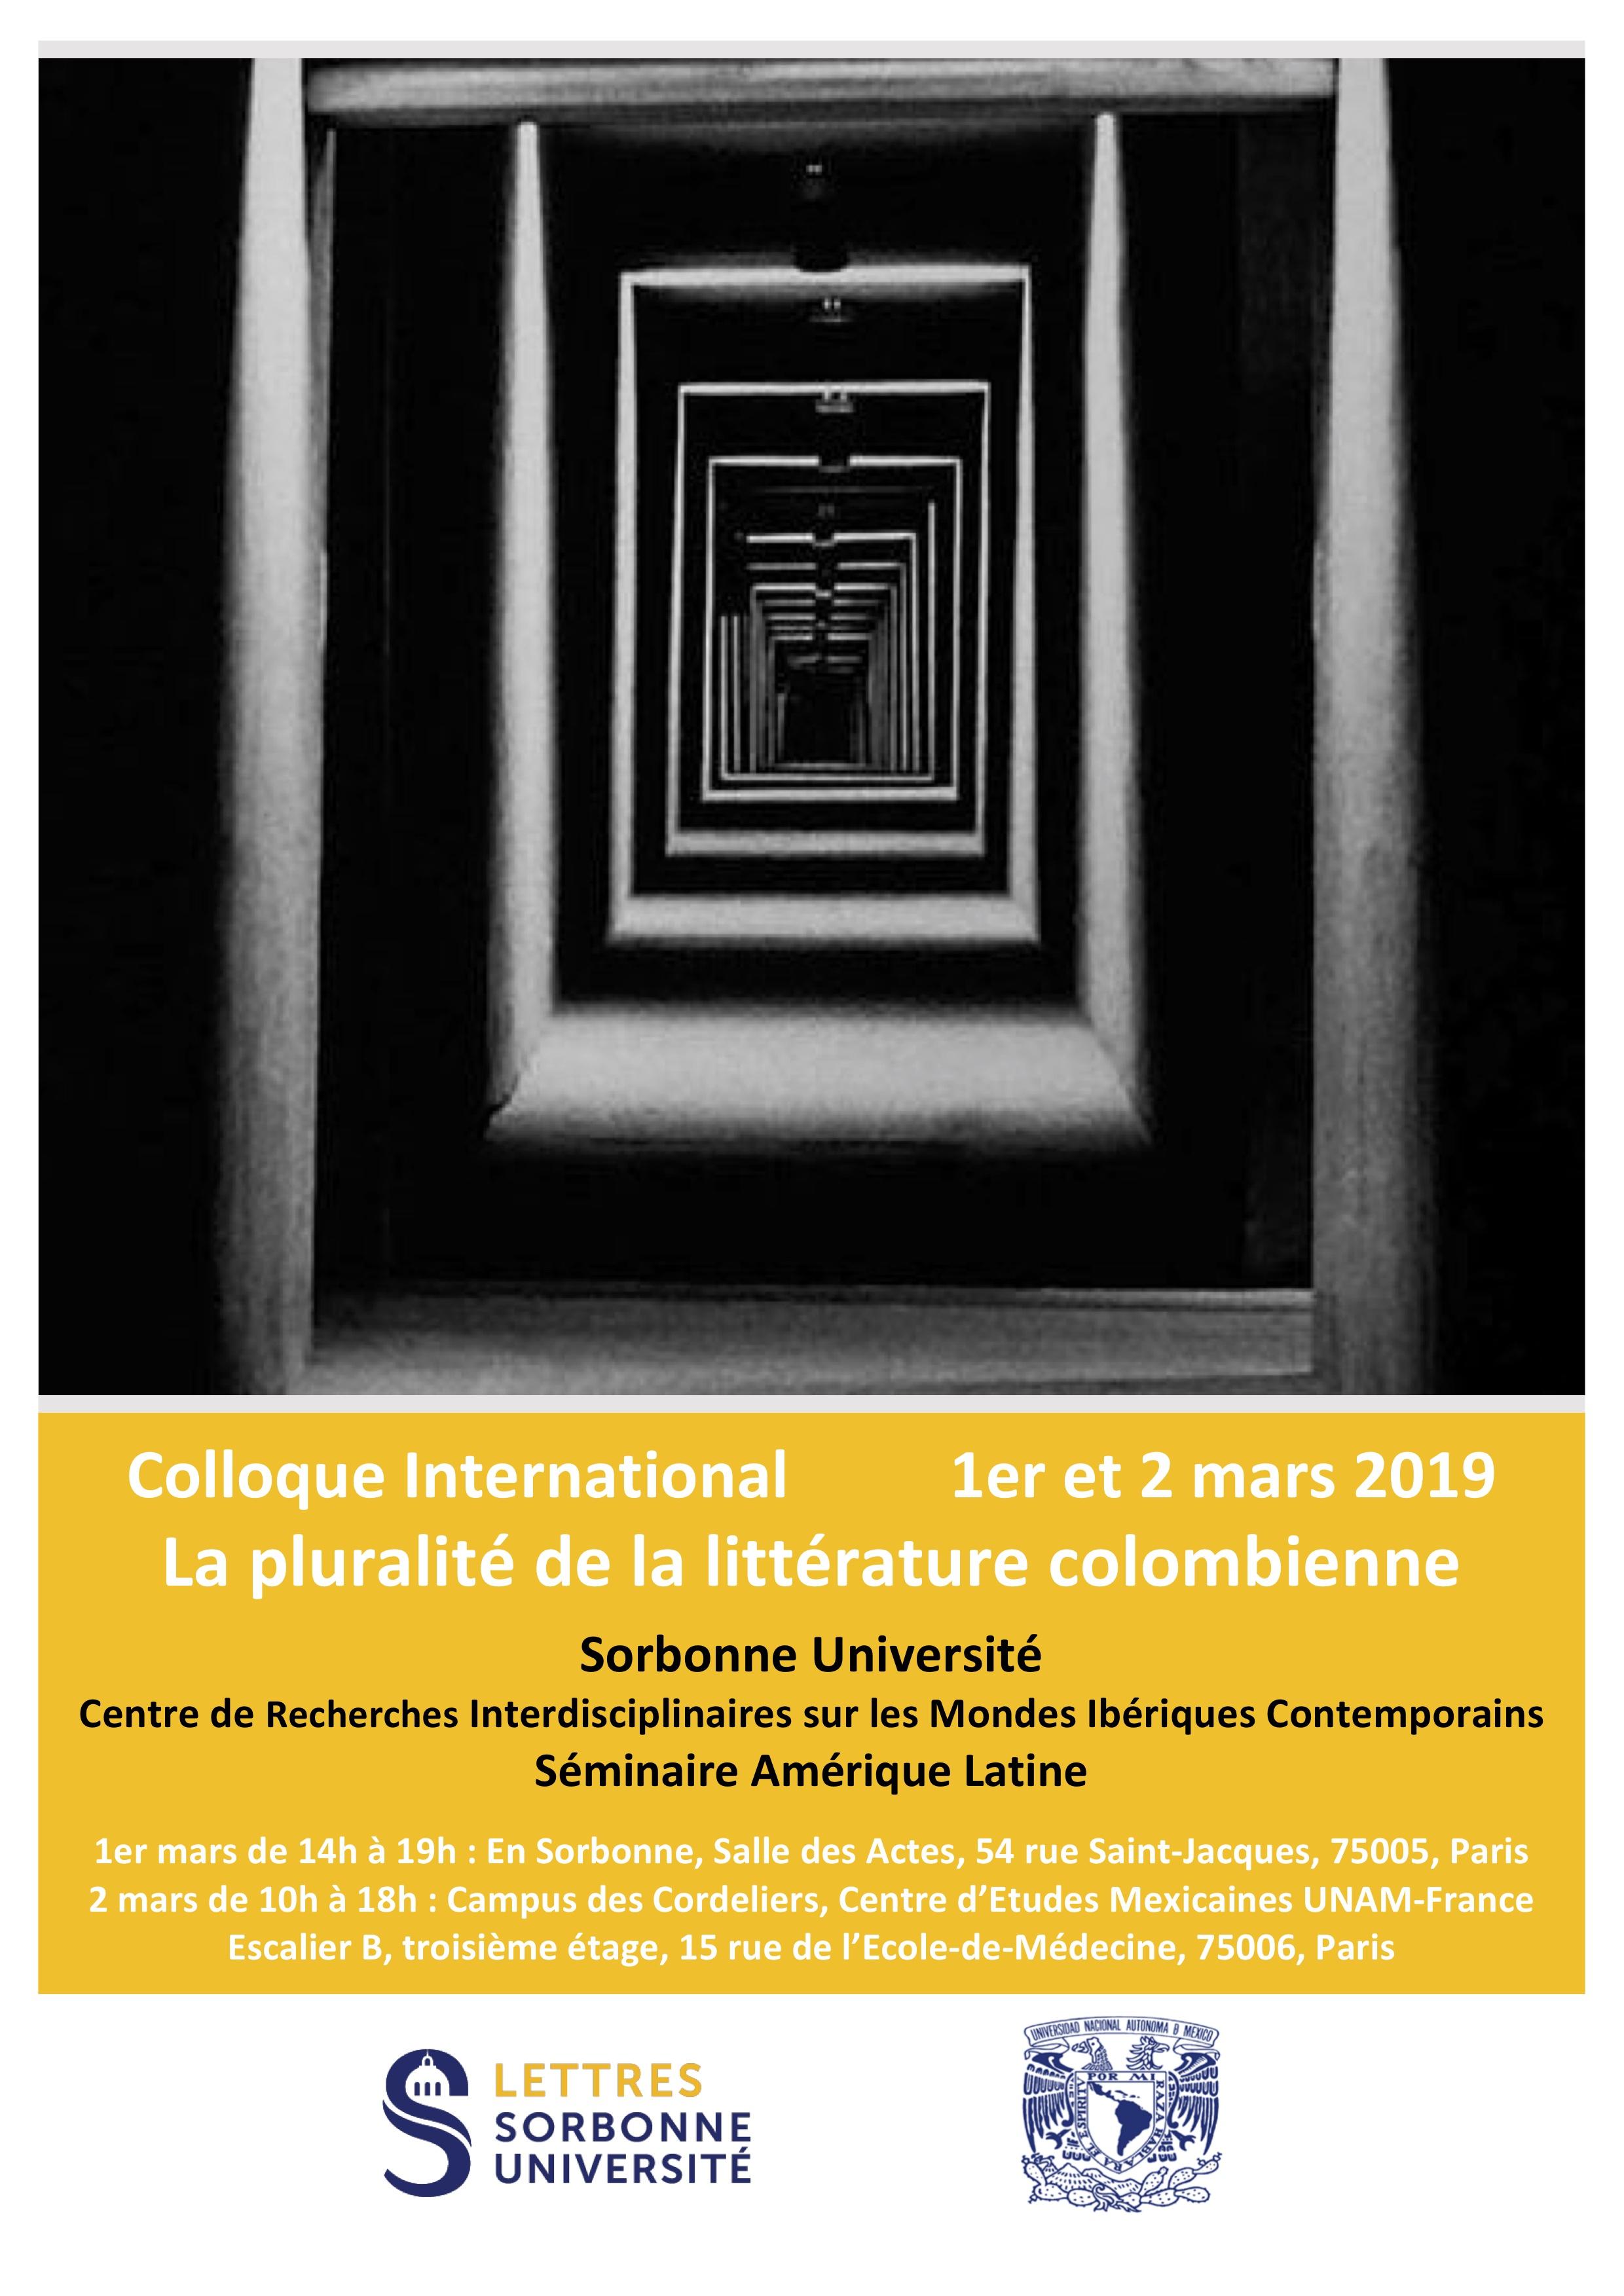 La pluralité de la littérature colombienne